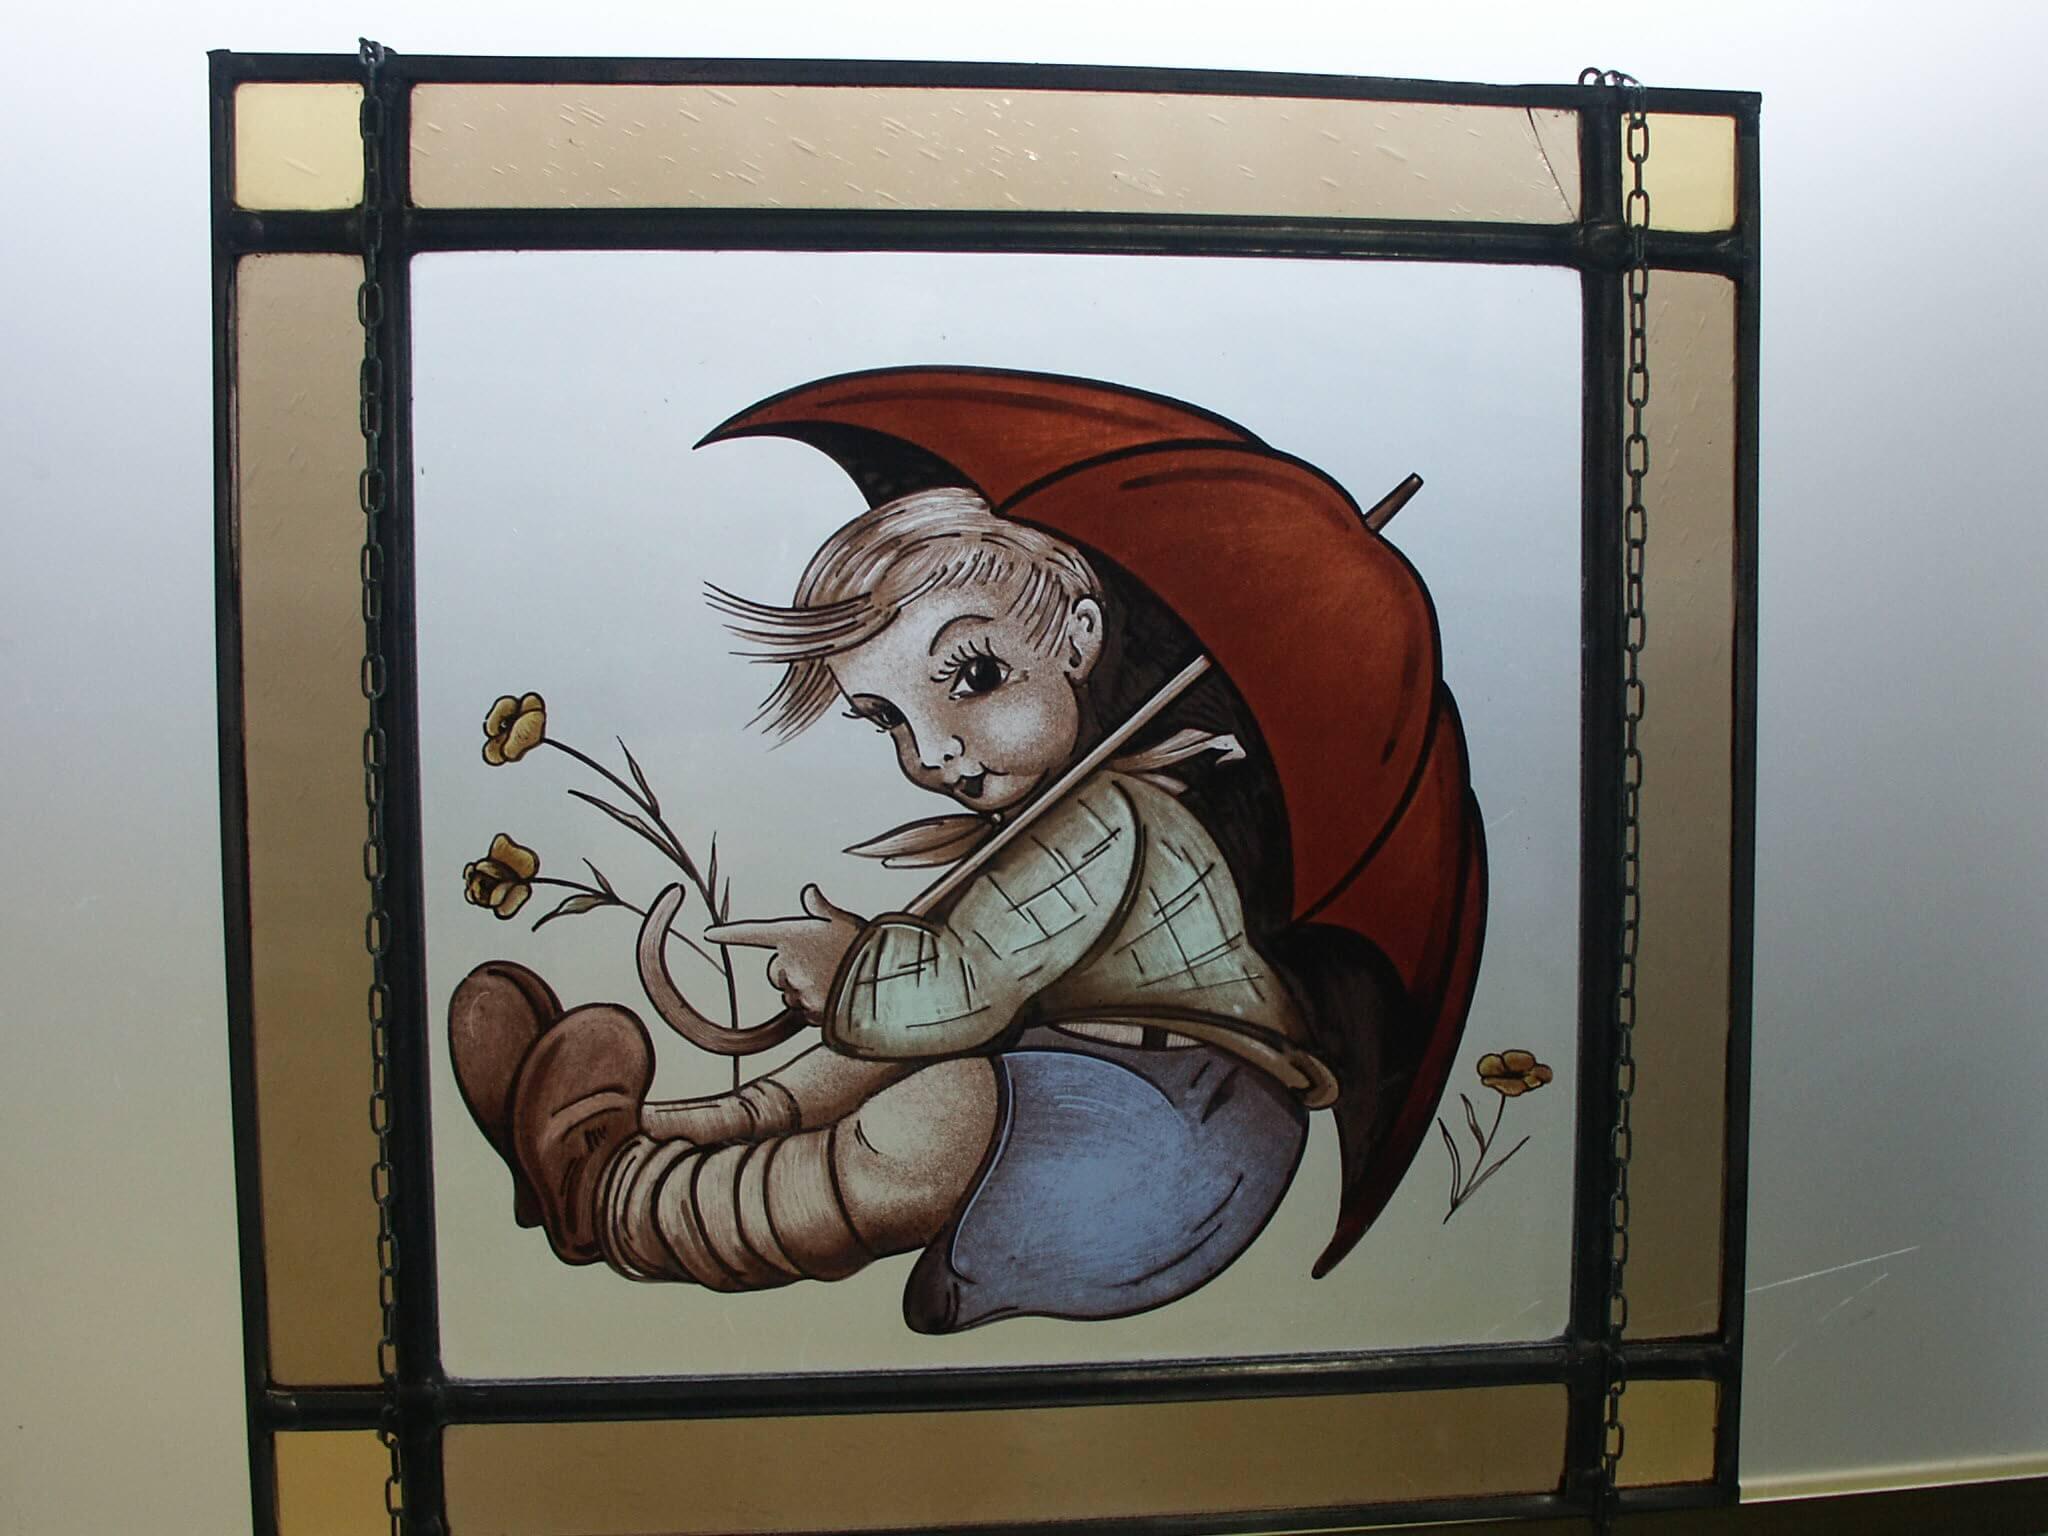 raamdecoratie glas in lood met jongen leenders glas in lood